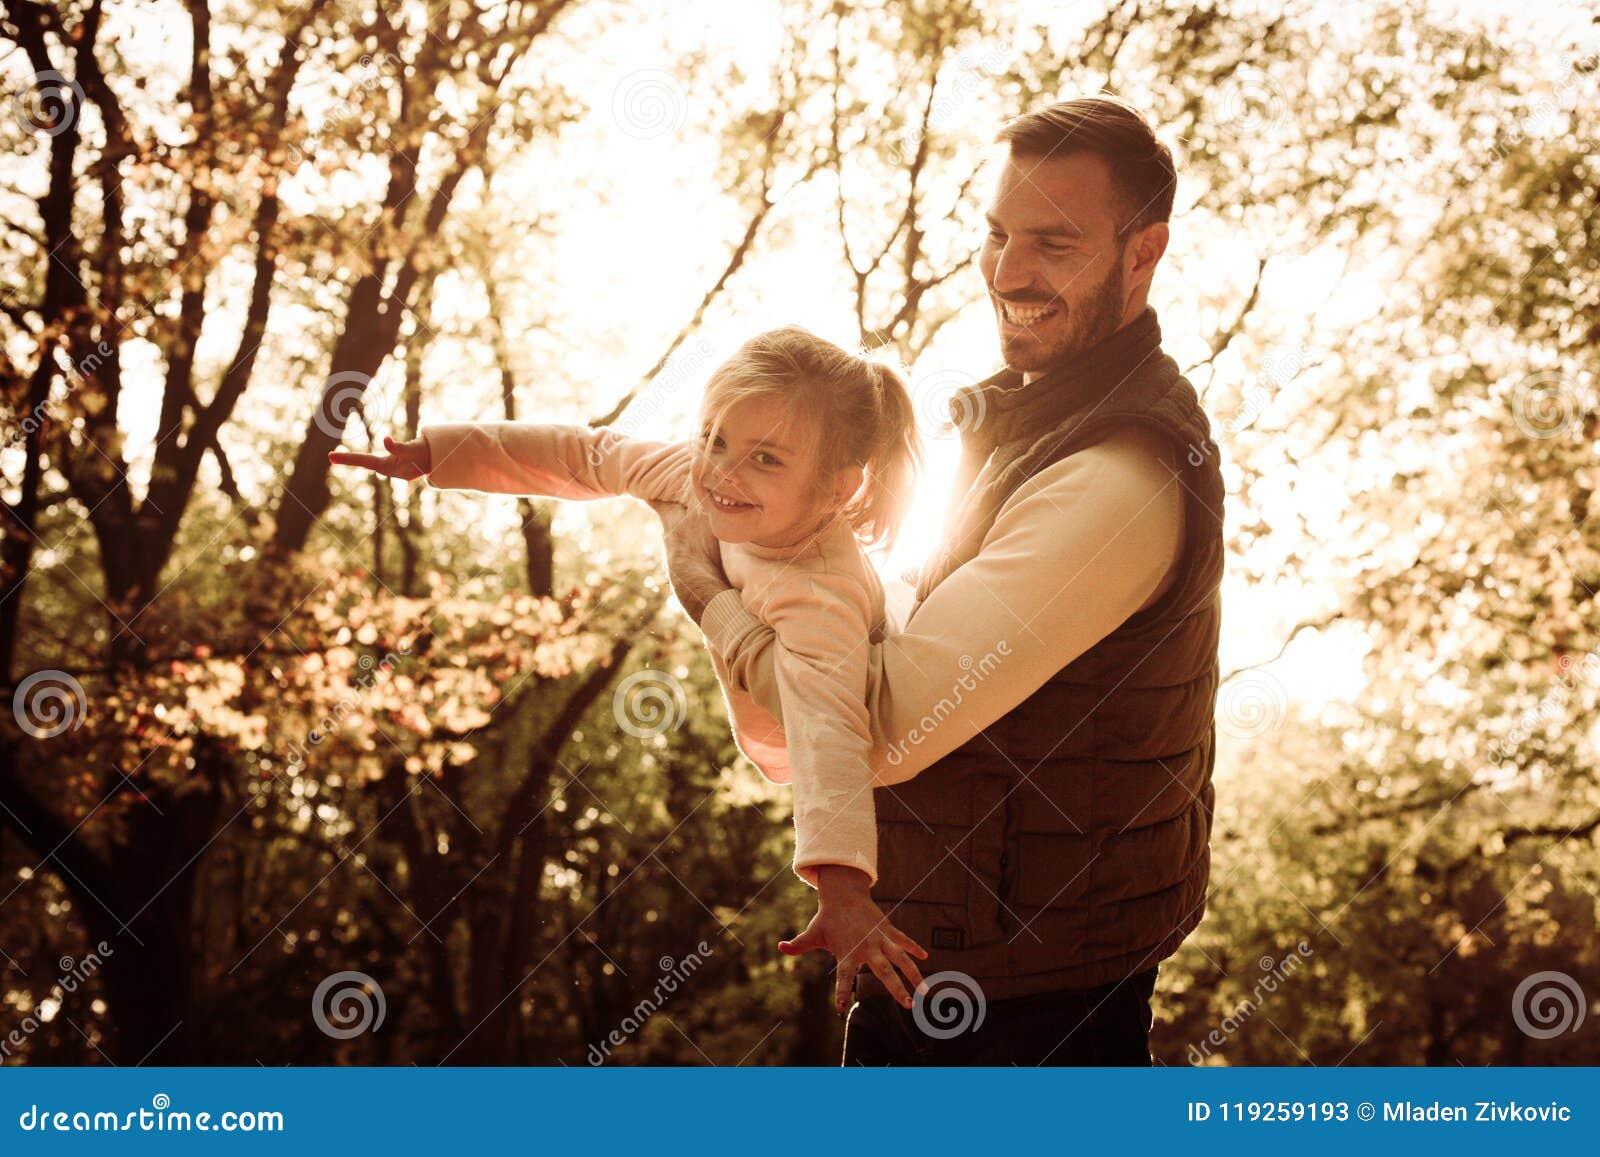 Sonniger Tag in der Natur Vater und Tochter